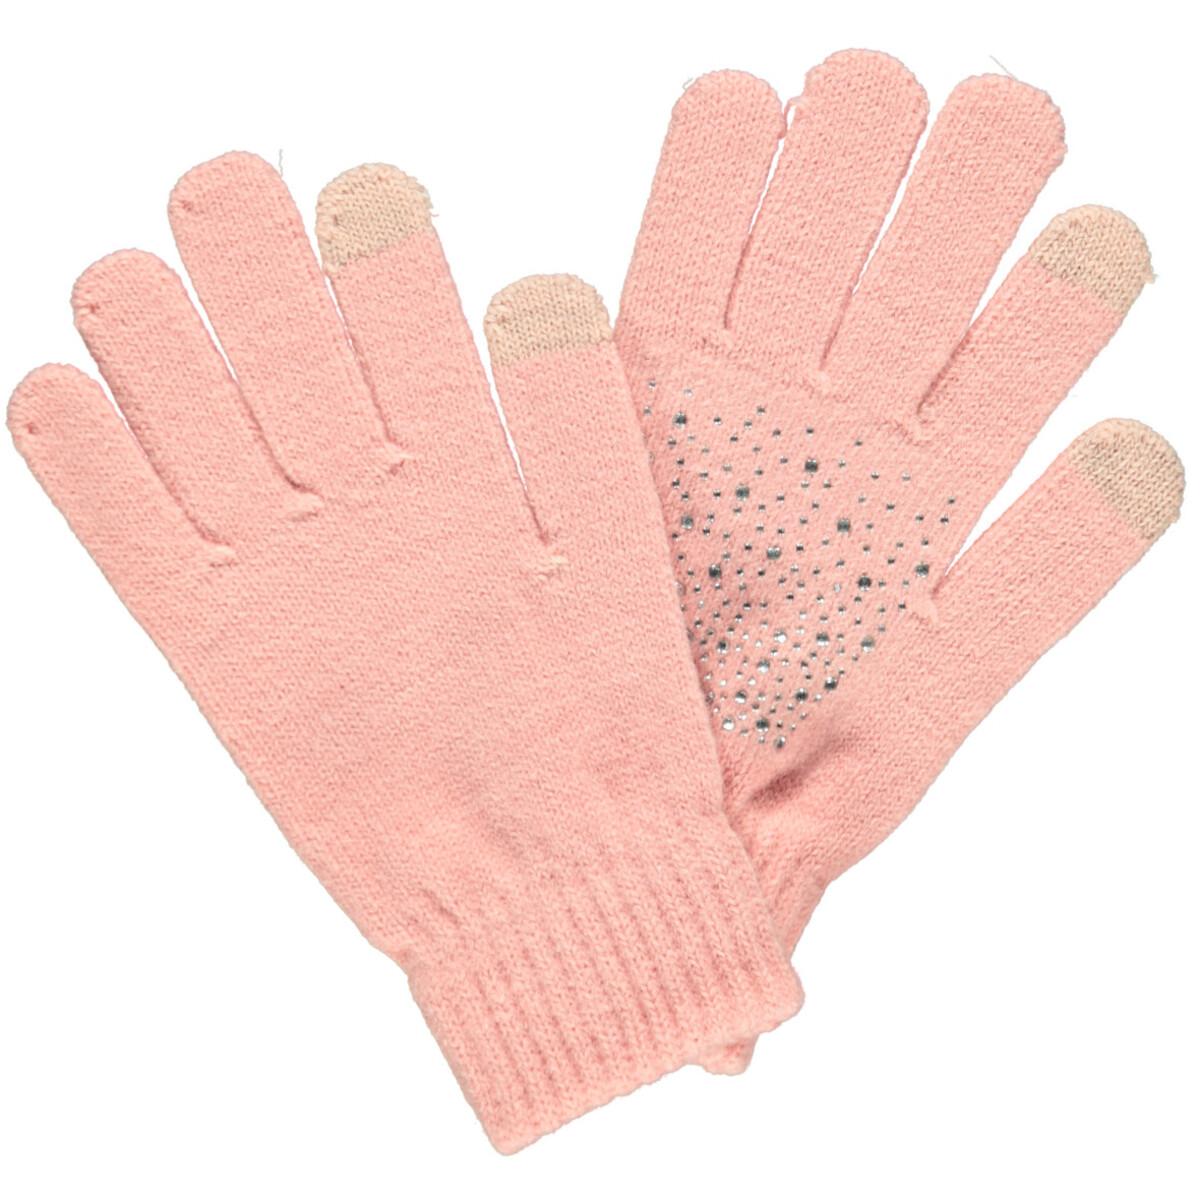 Bild 2 von Damen Handschuhe mit Strasssteinchen